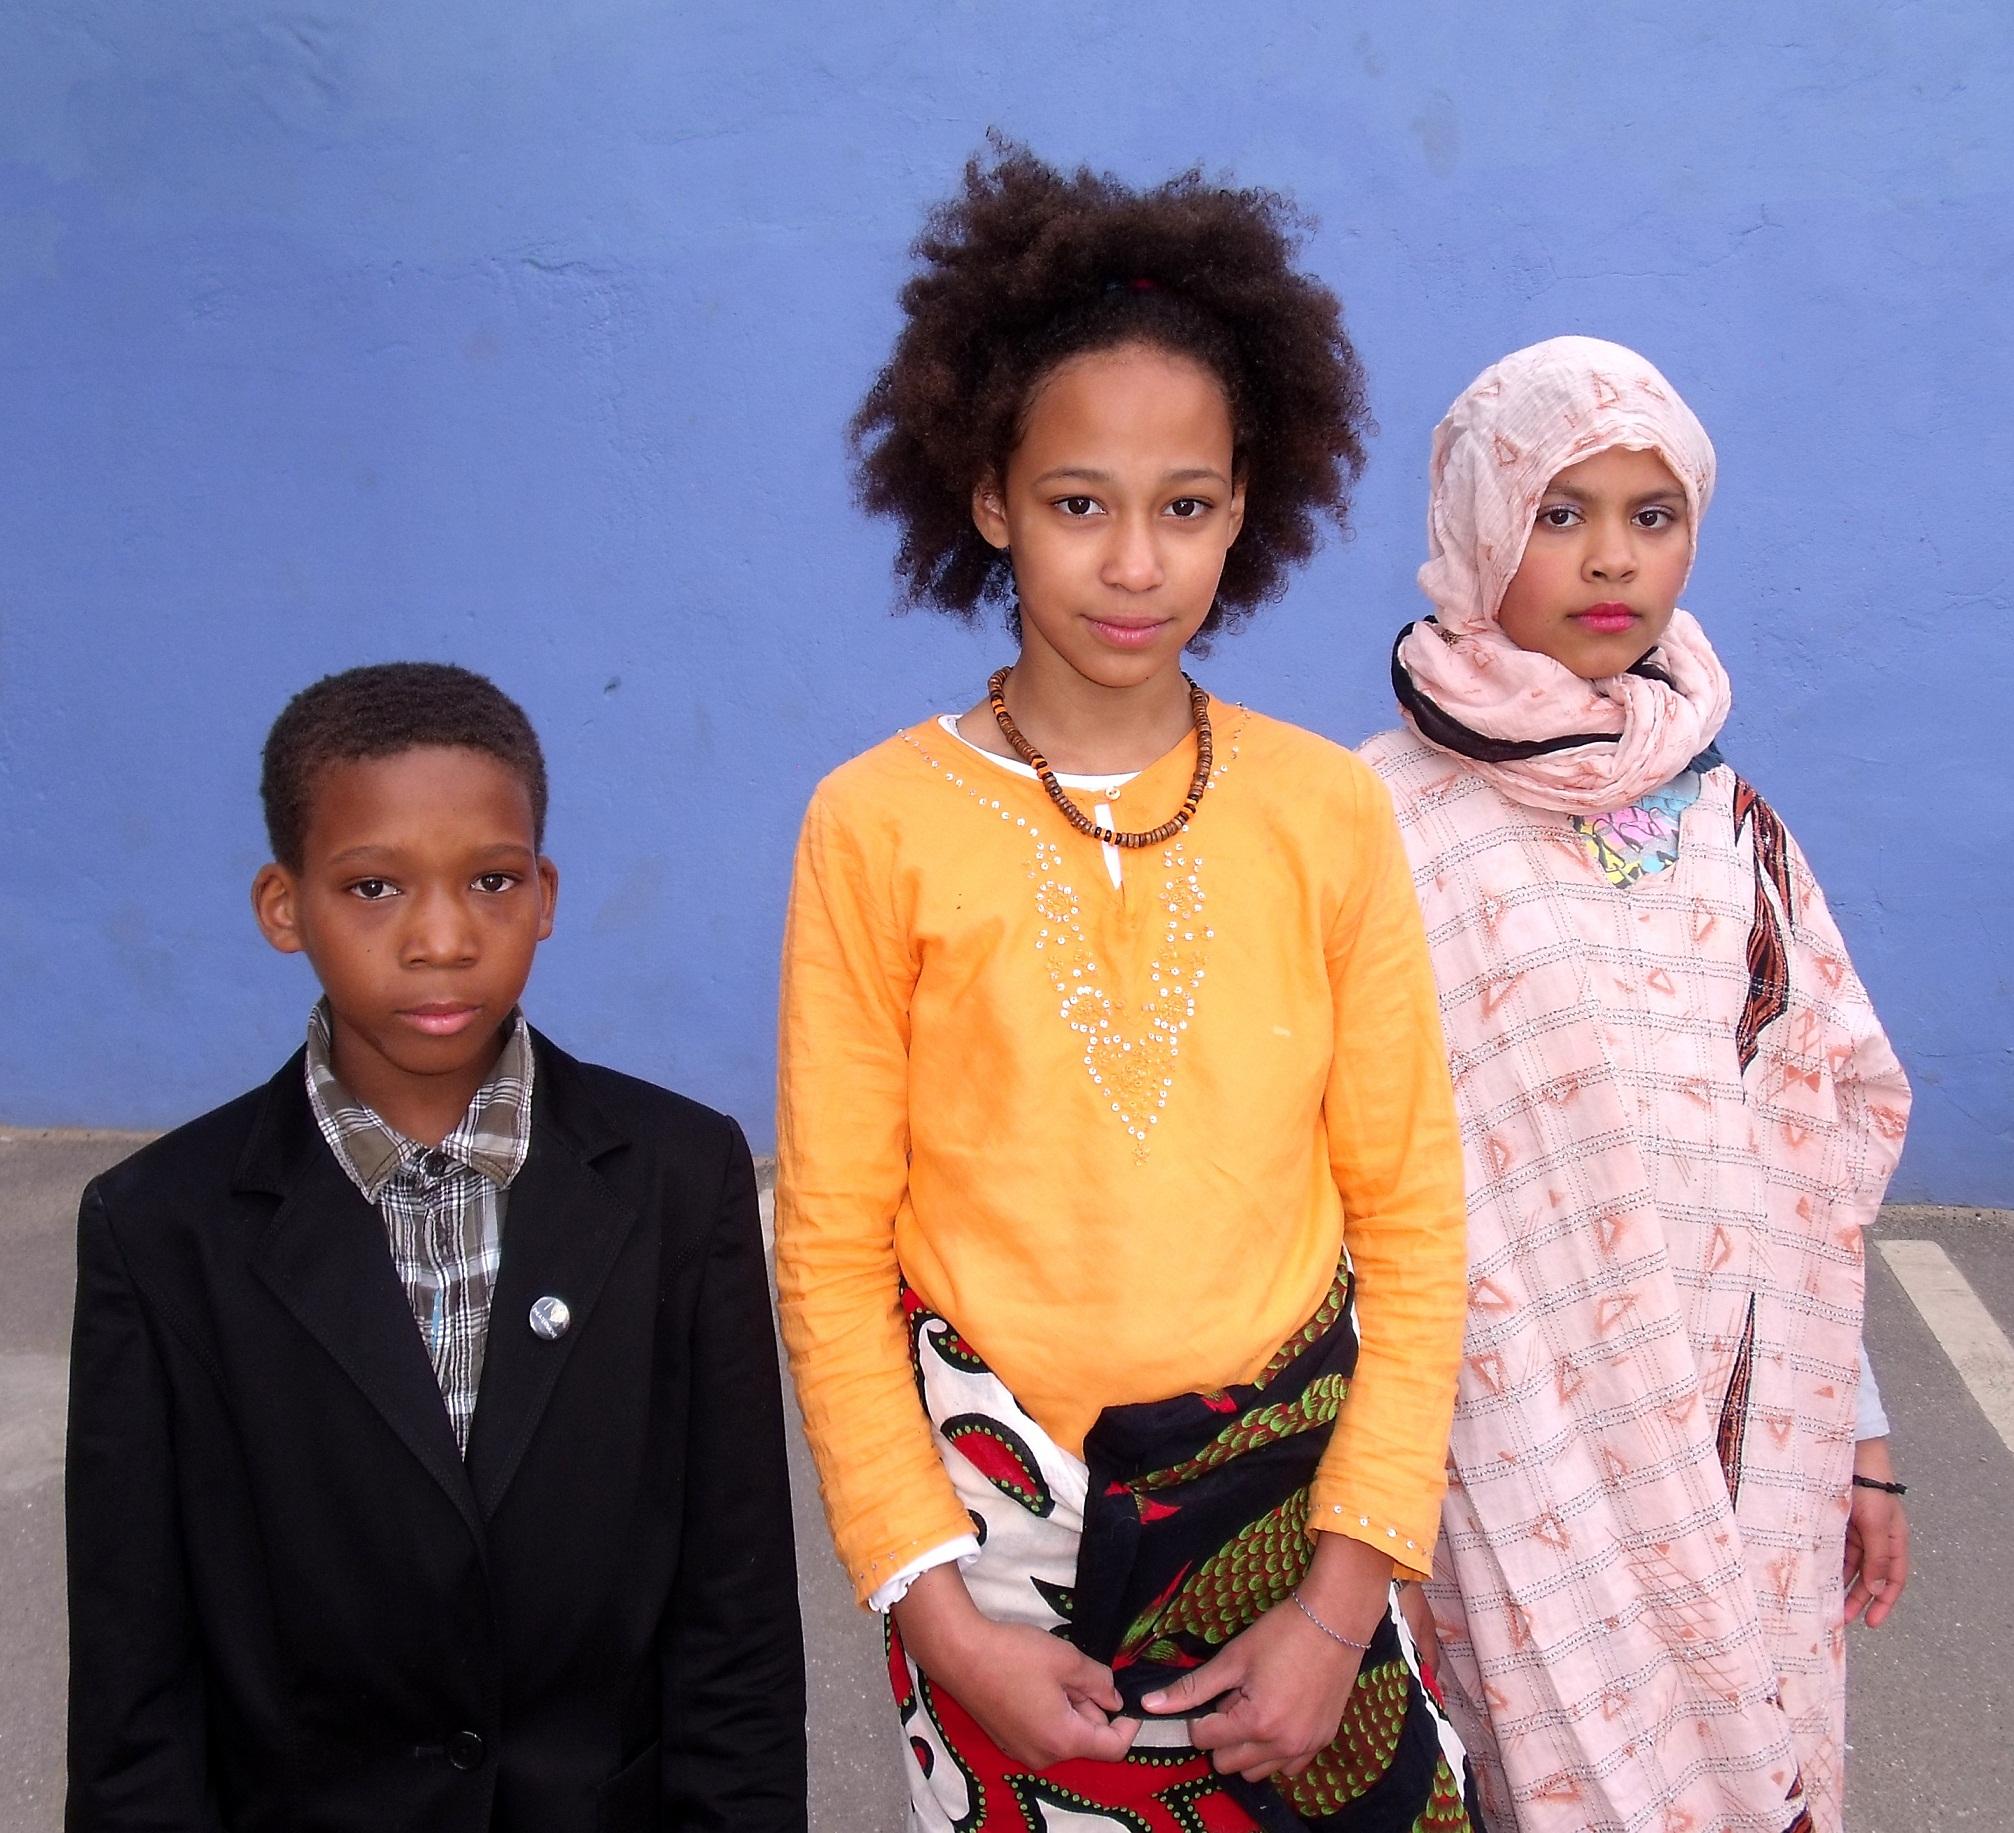 Mandula und ihre Familie